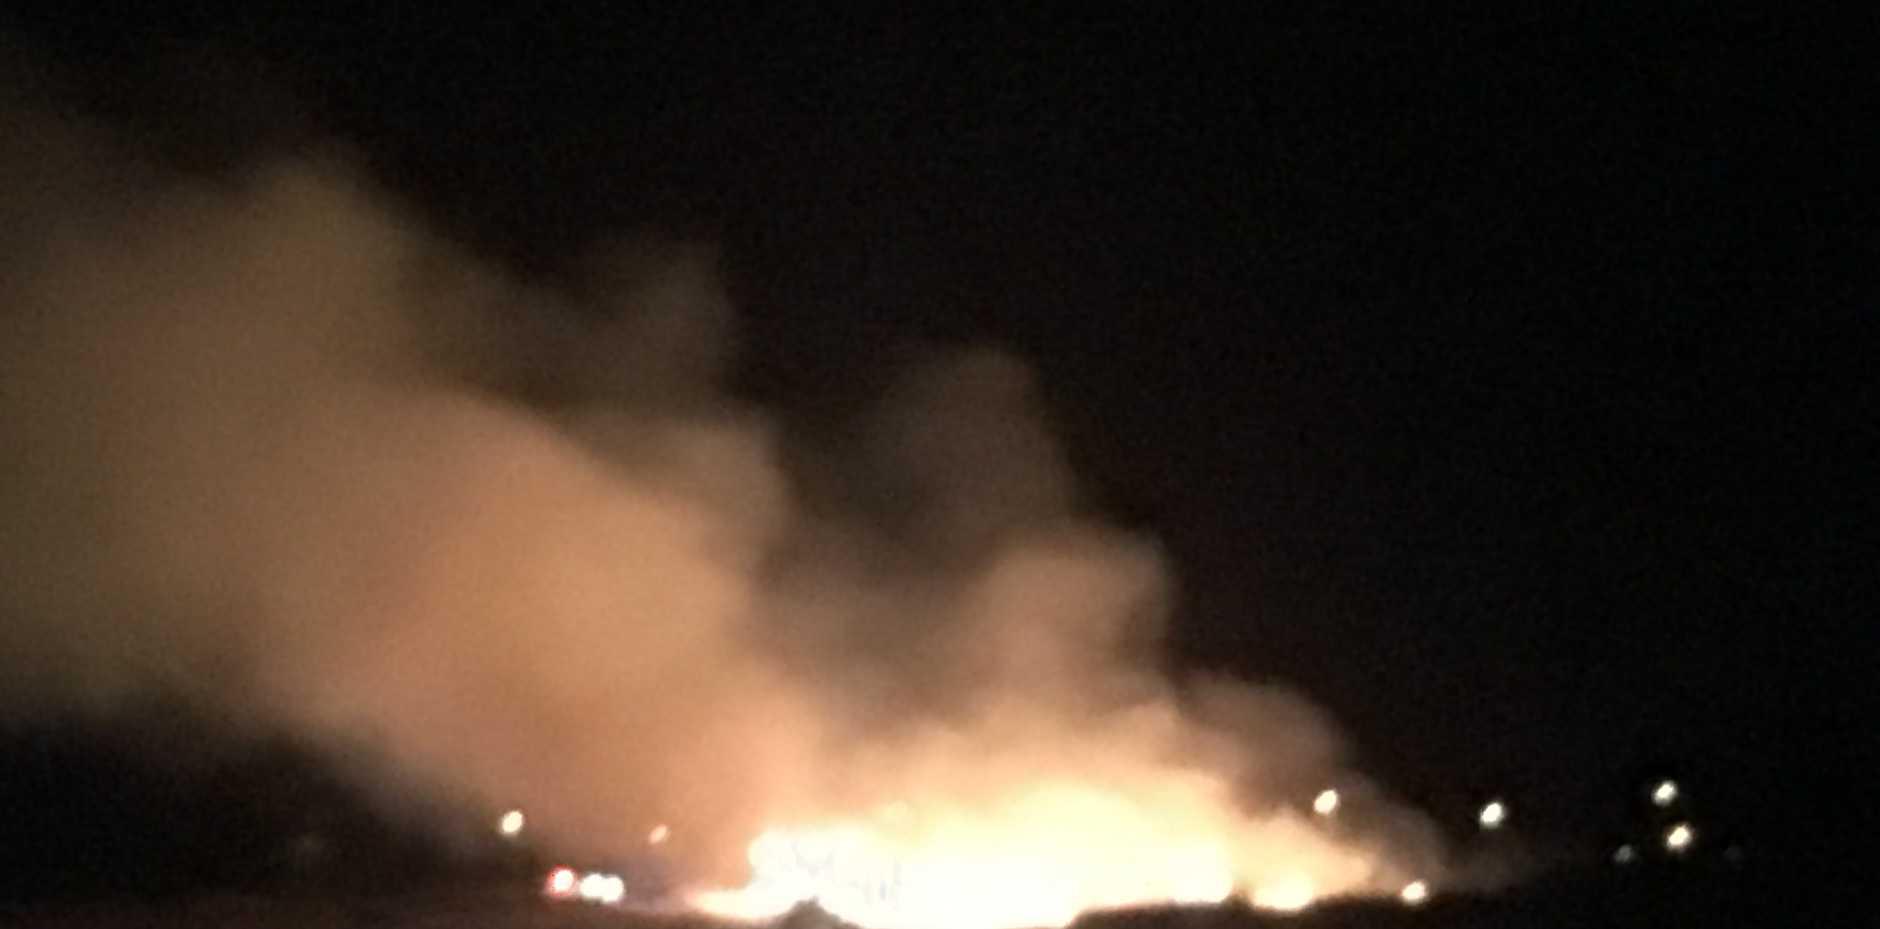 A grass fire has broken out near Taabinga School.